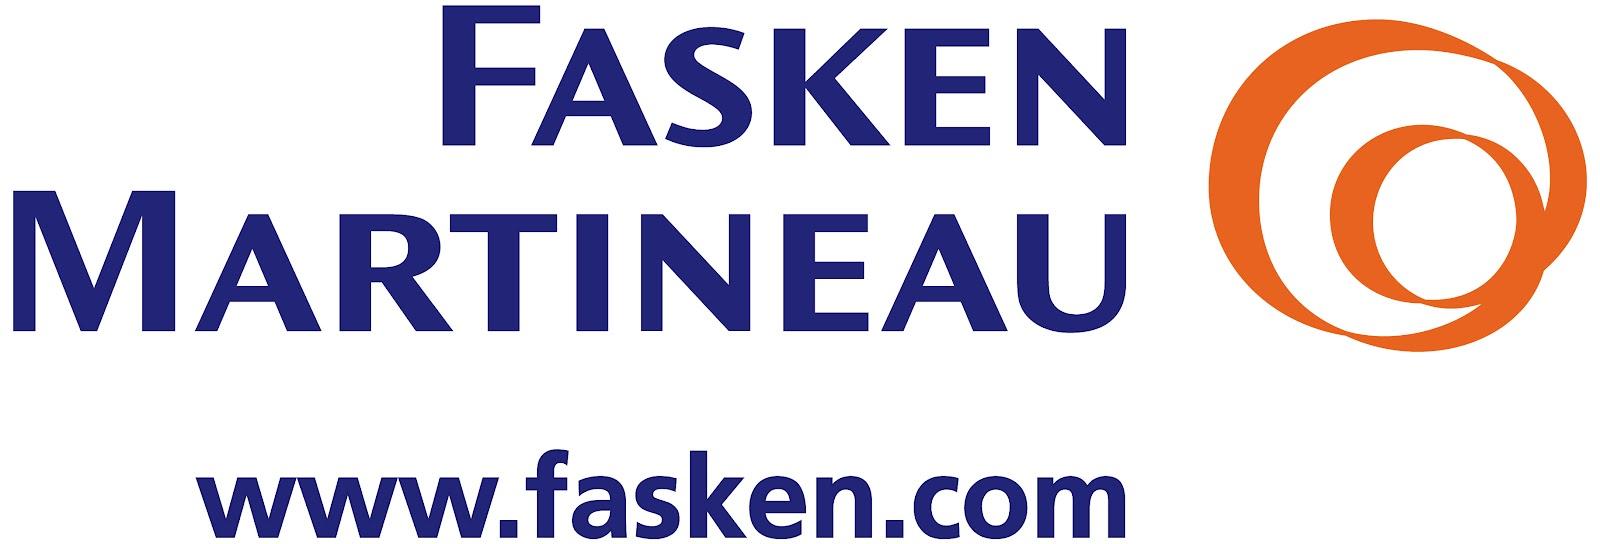 FM logo with web address_CMYK.jpg